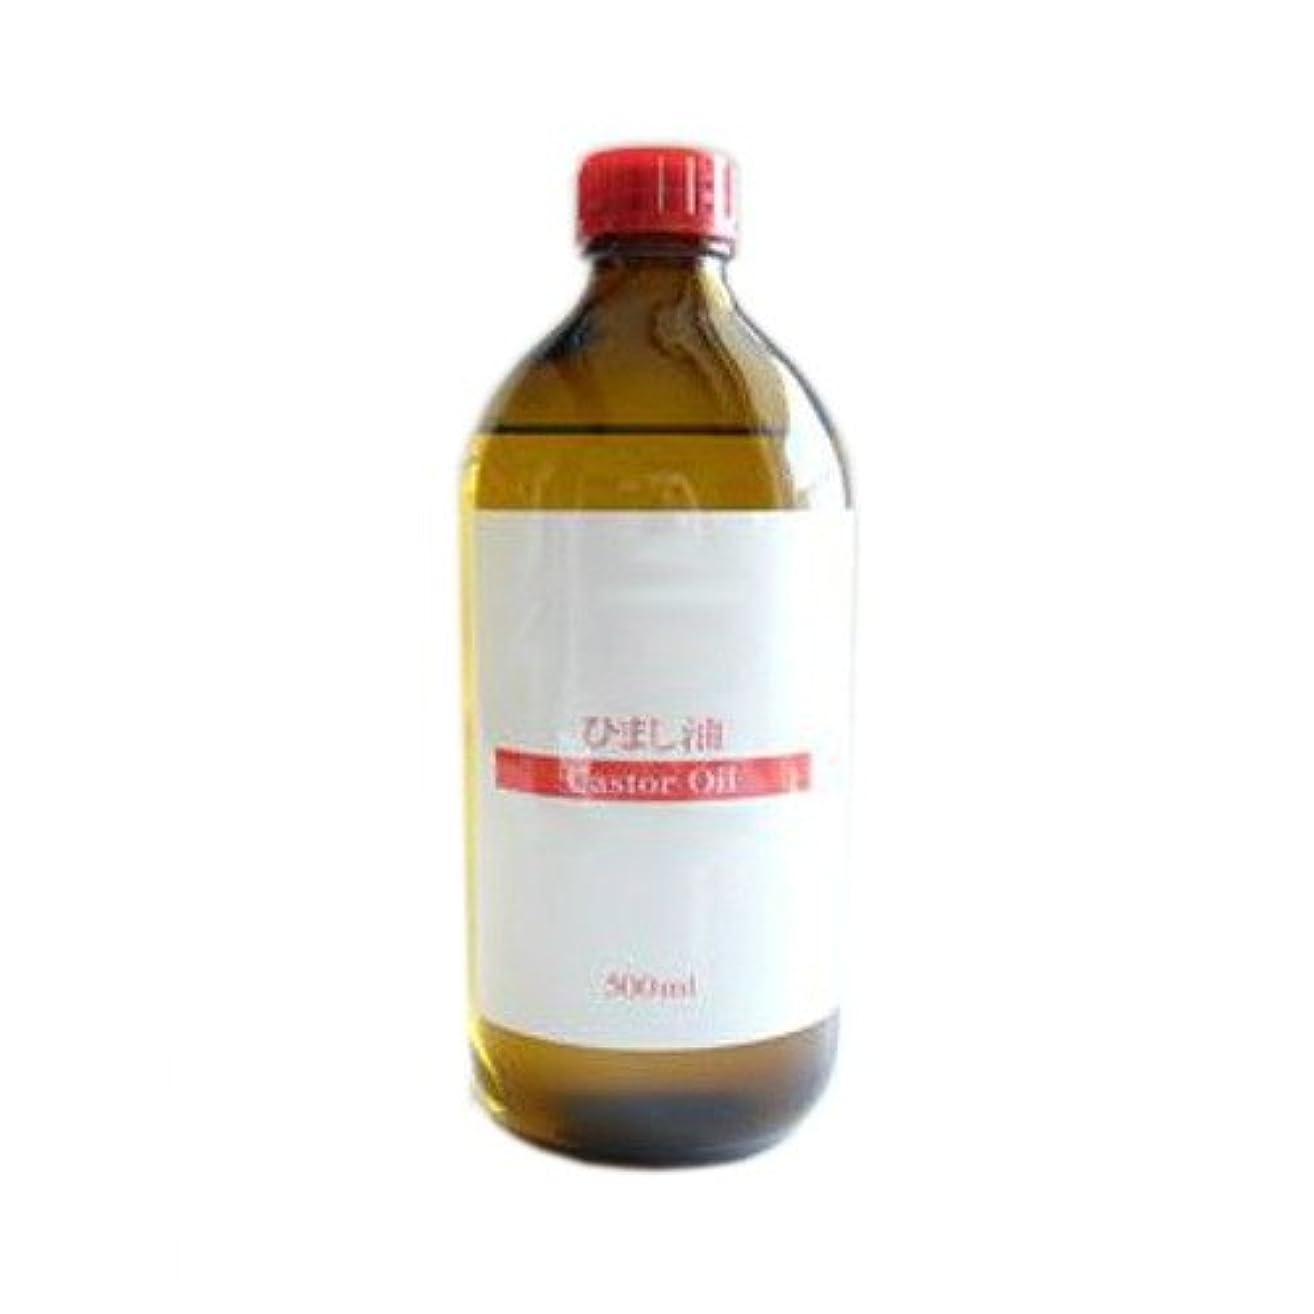 認識負学校の先生ひまし油 (キャスターオイル) 500ml